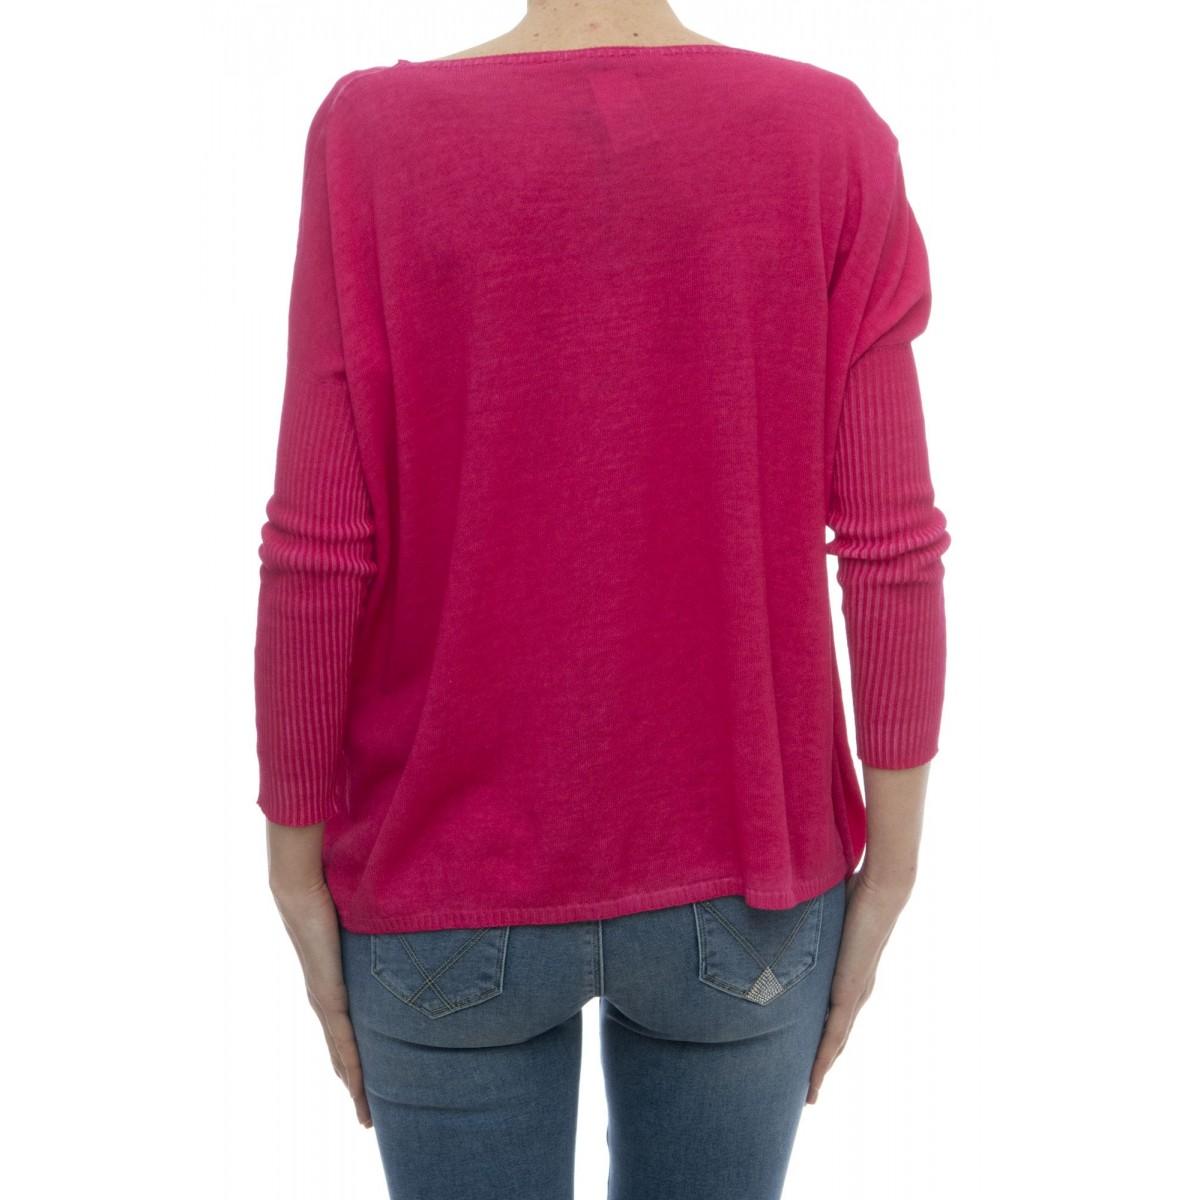 Maglieria - 1489380 maglia over cotone tinto freddo